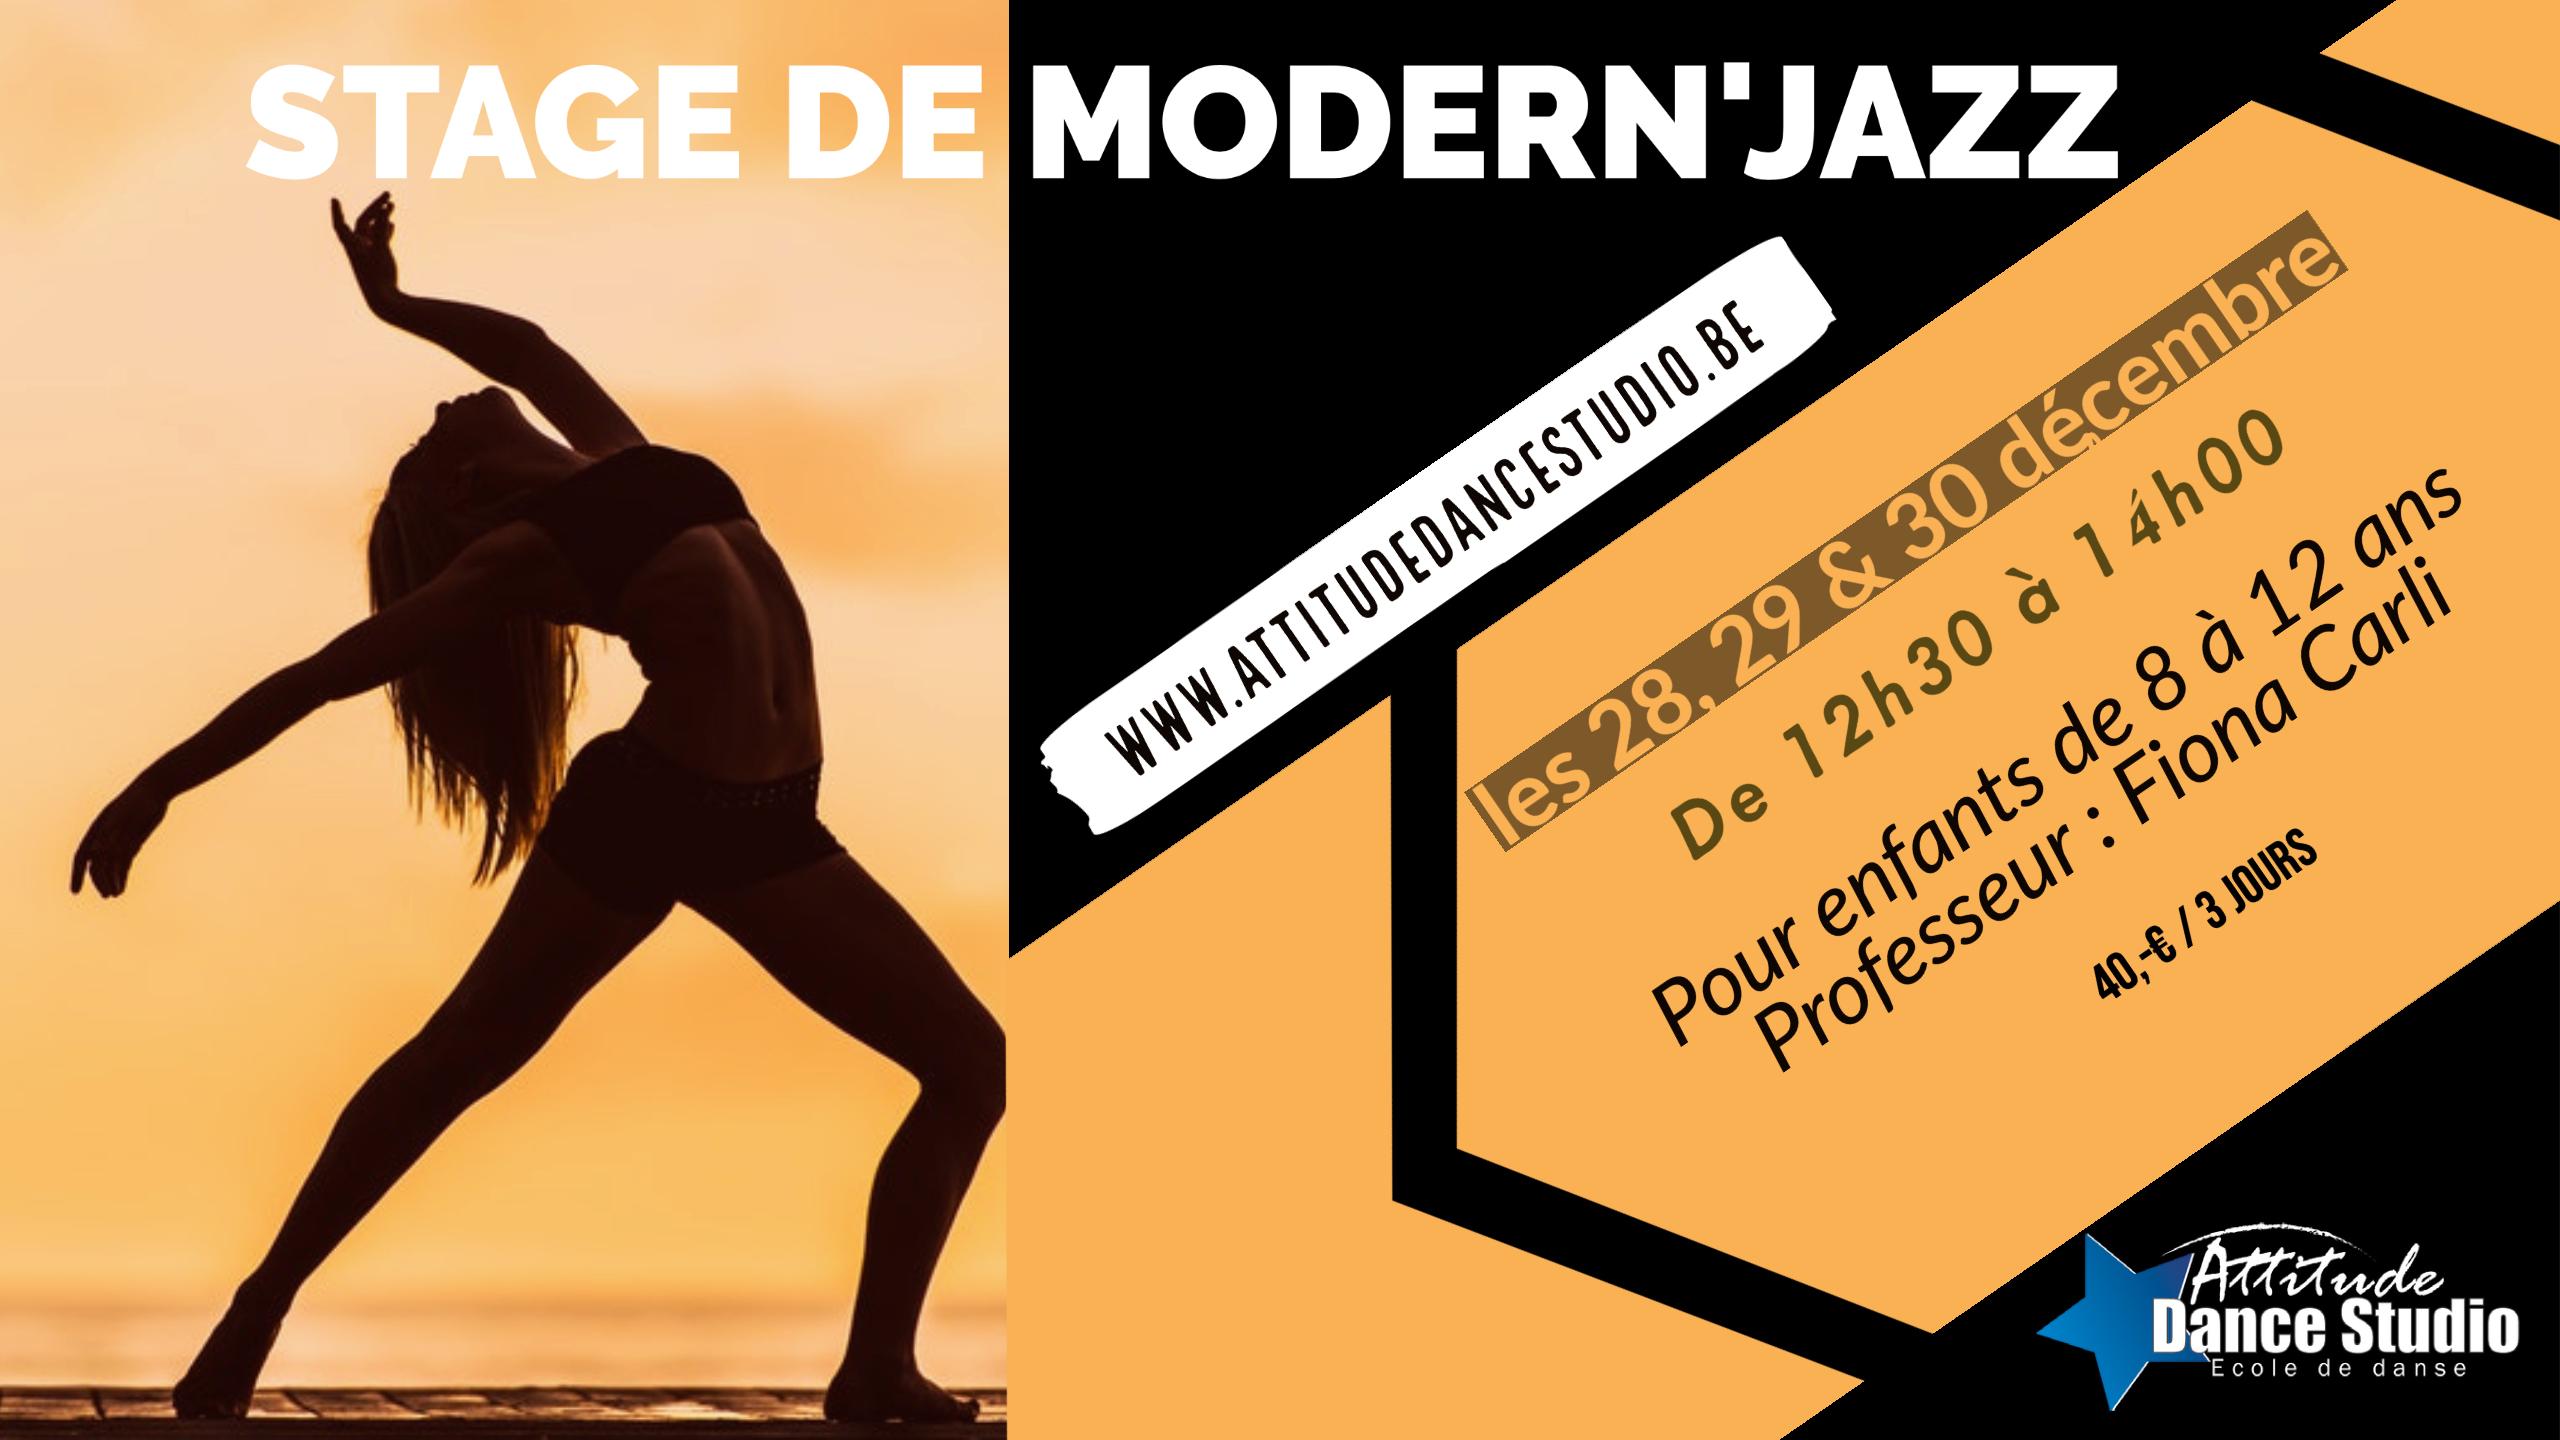 Stage decembre Modern'Jazz